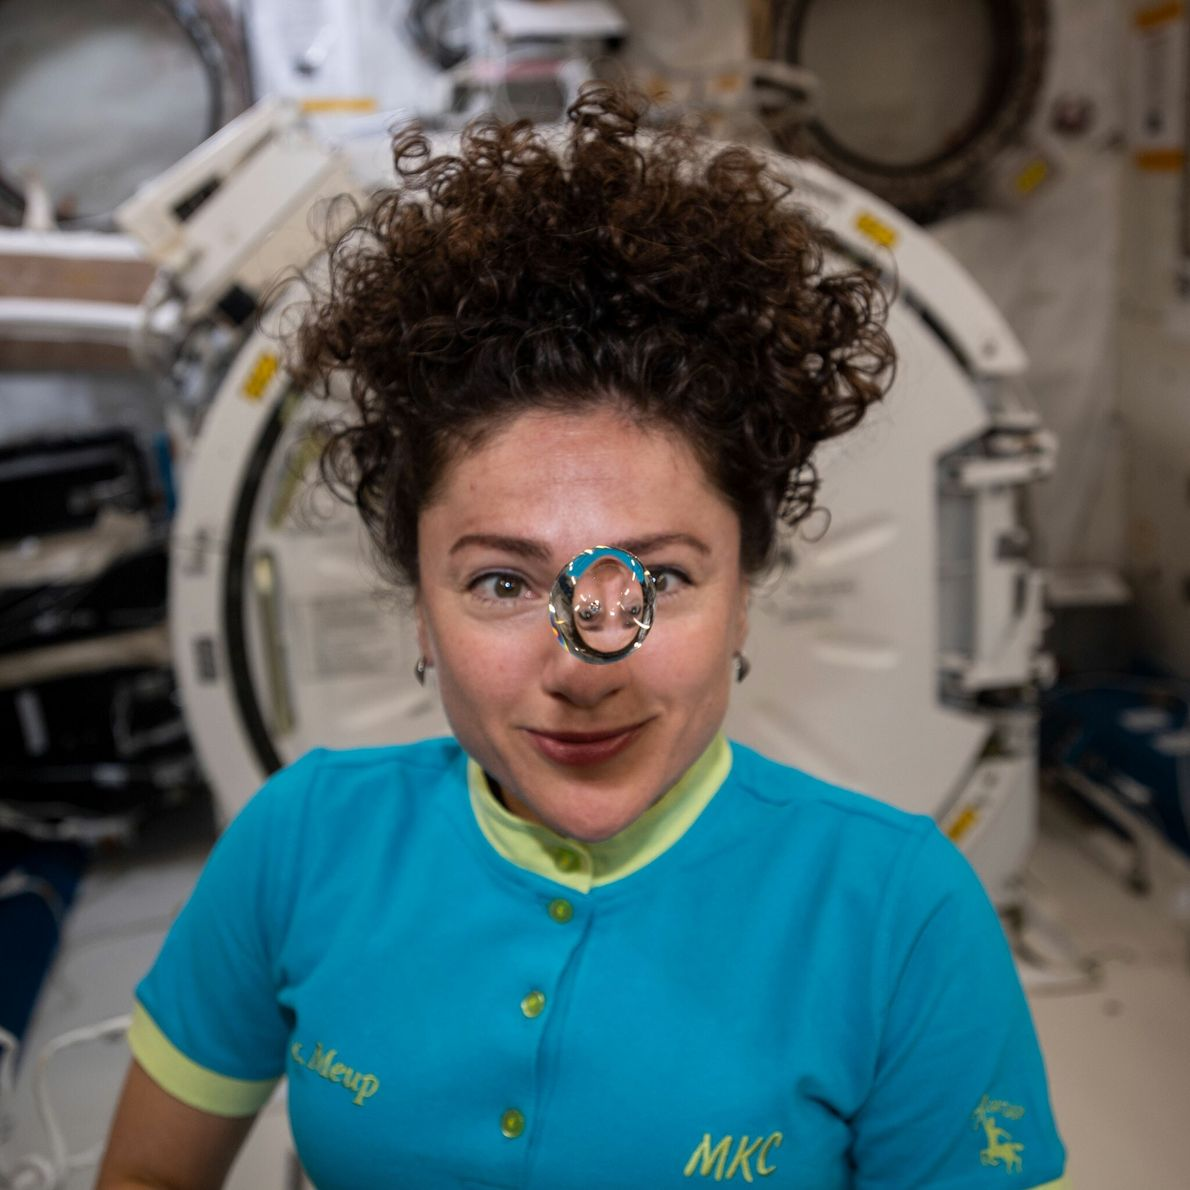 Jessica Meir - promotion d'astronautes 2013, 205 jours dans l'espace.